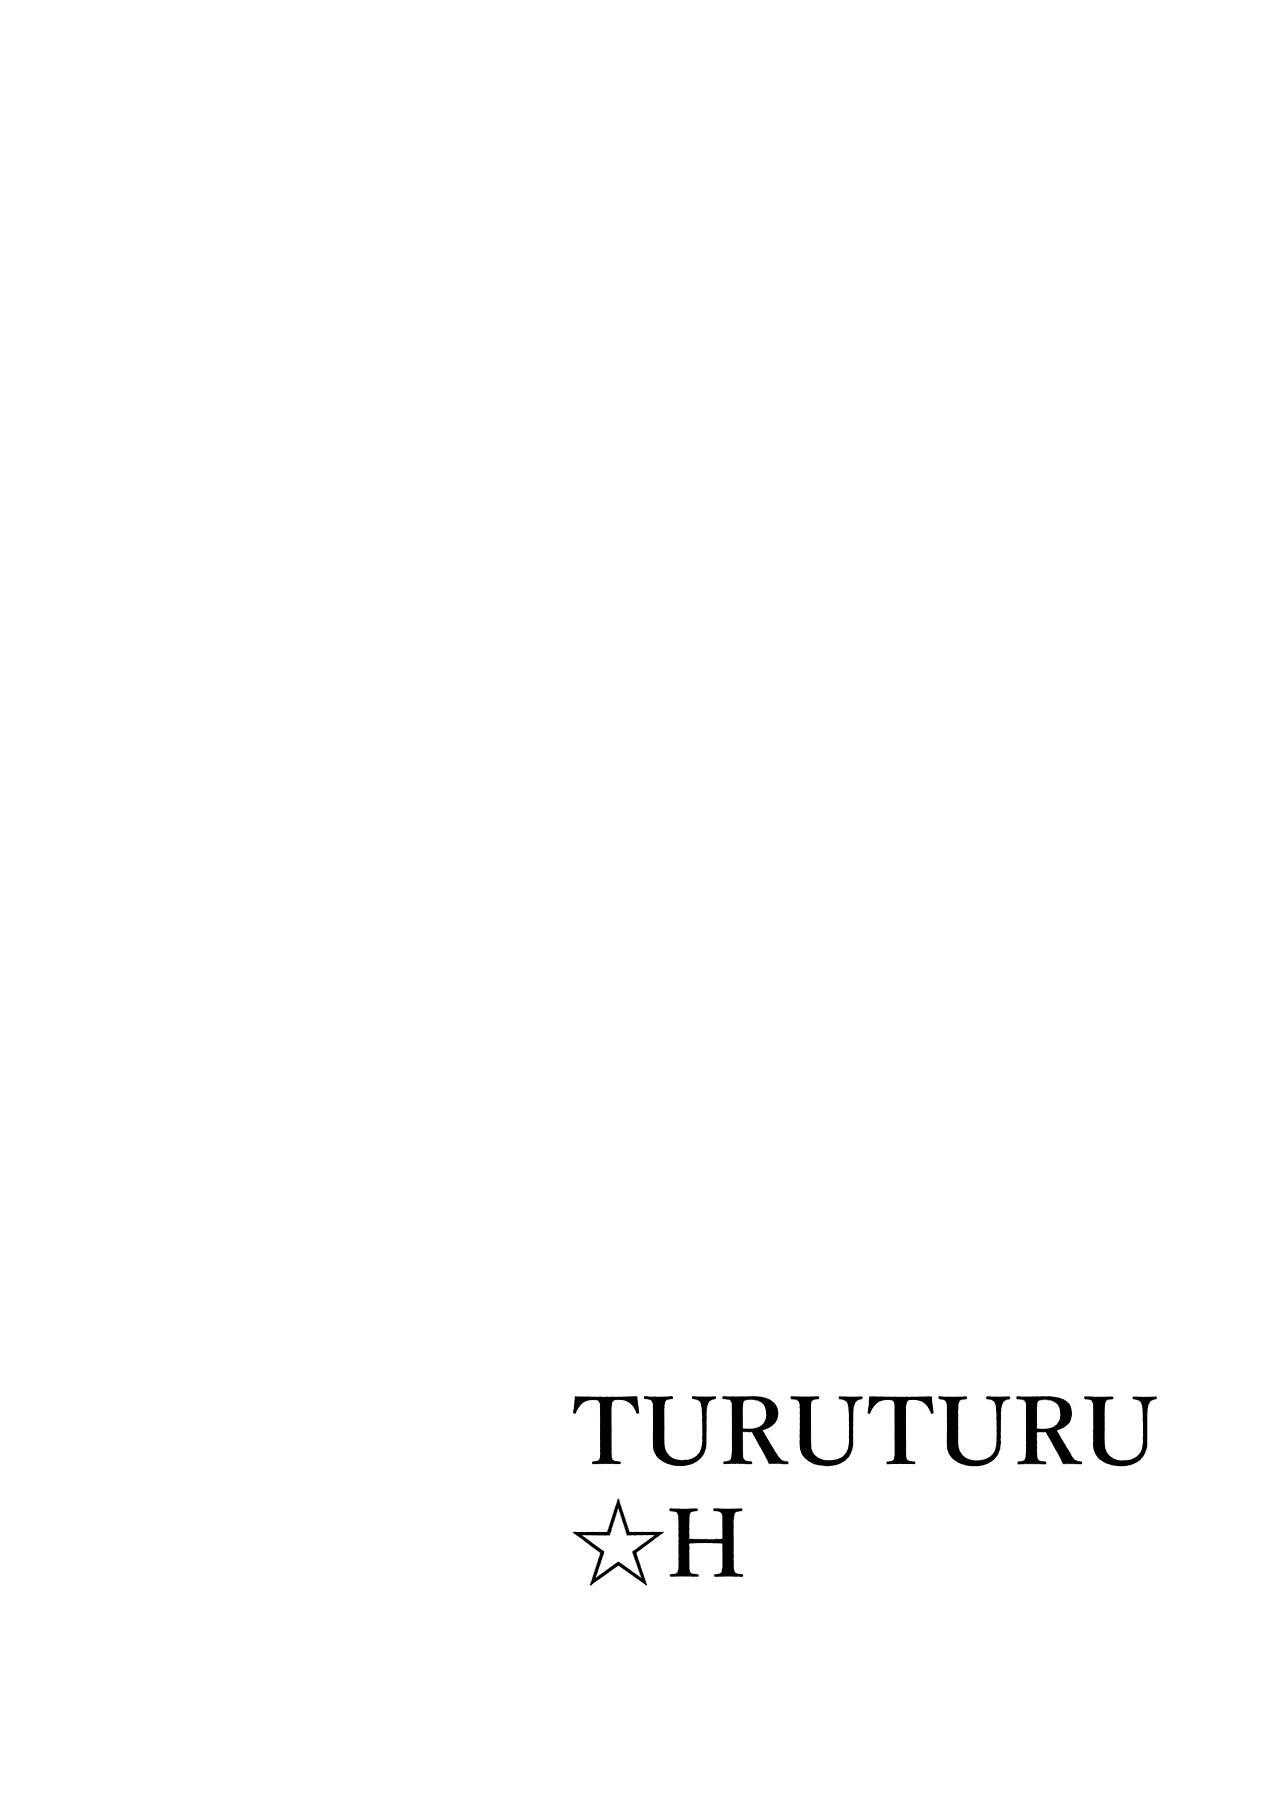 TURUTURU H 3